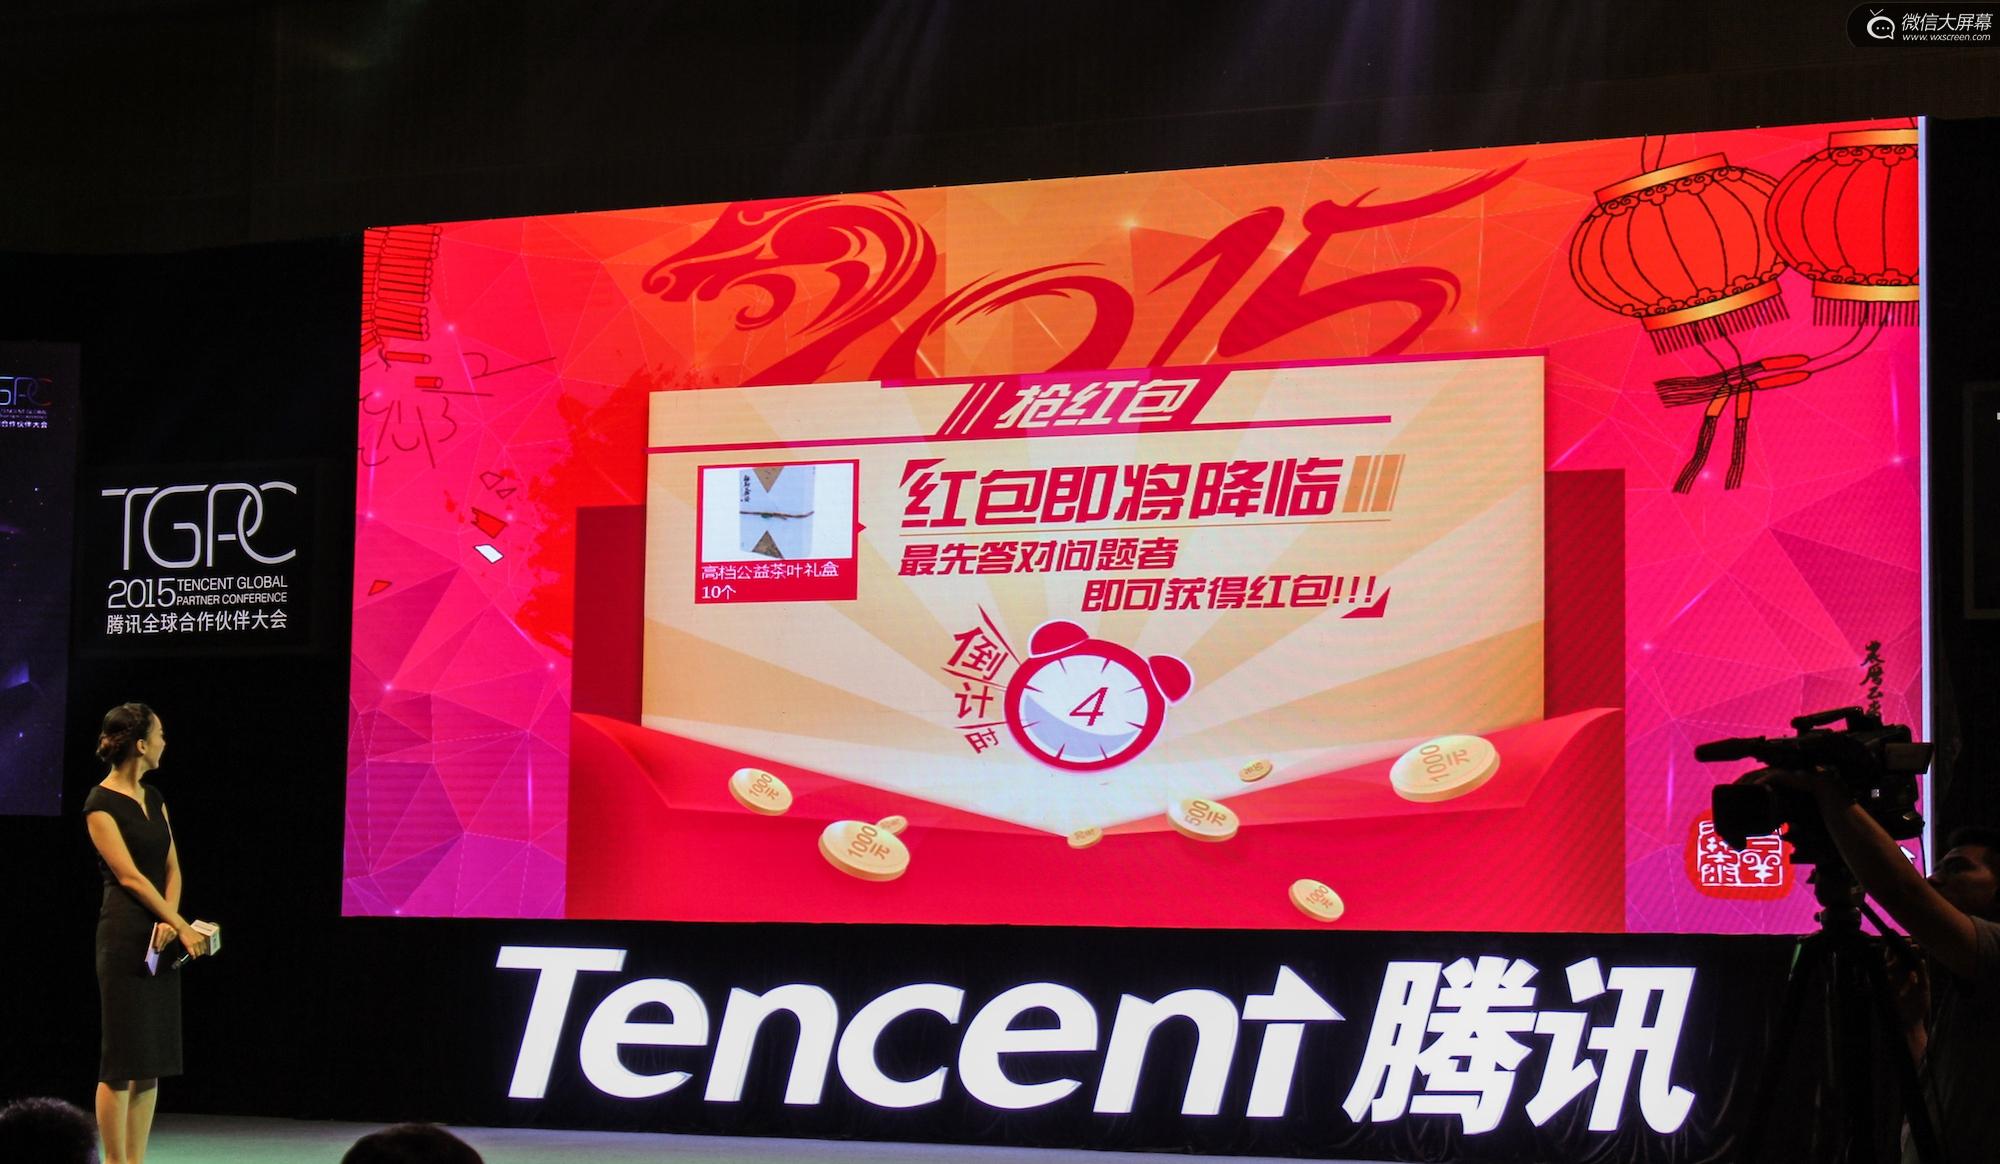 趣现场-微信大屏幕受邀参加年腾讯全球合作伙伴大会